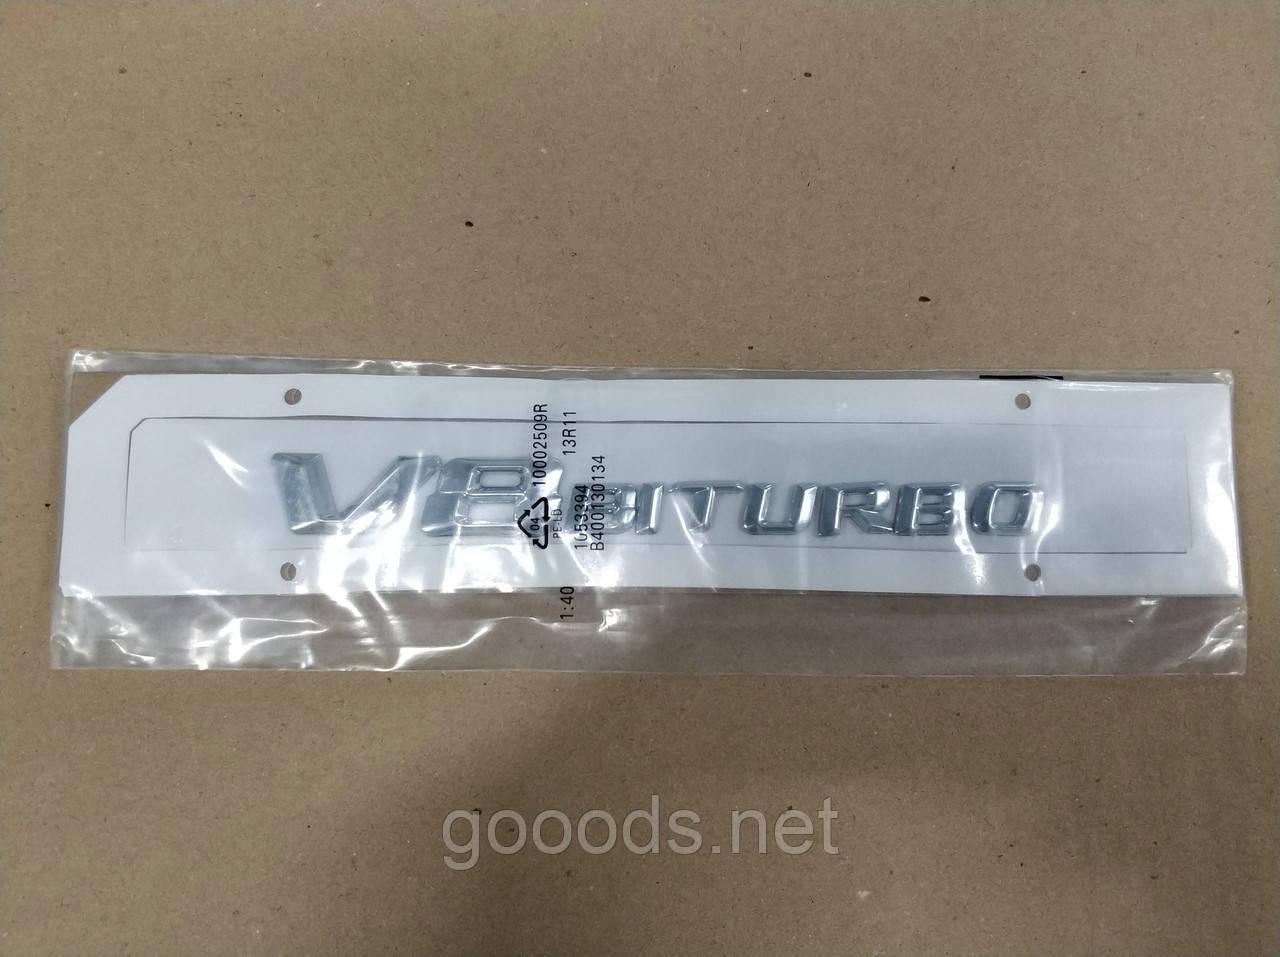 Надпись на крыло V8 biturbo для Mercedes, пластик